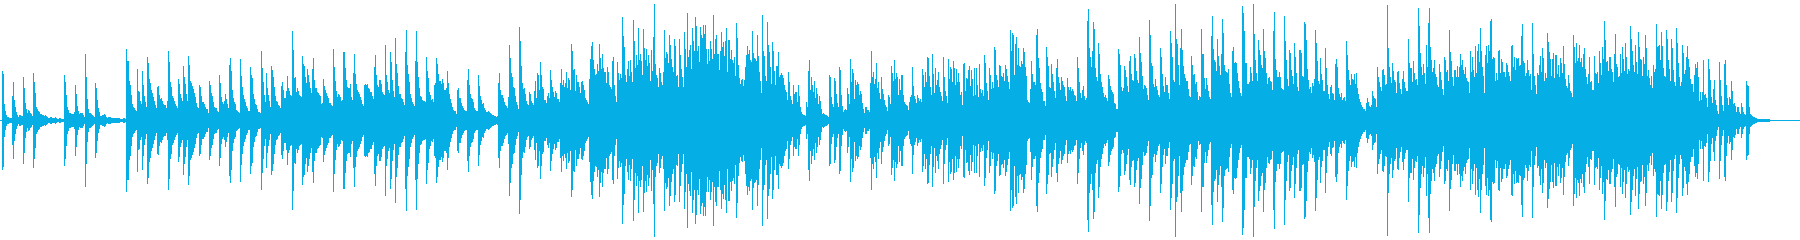 卒業がテーマのコードで聞かせるピアノの再生済みの波形